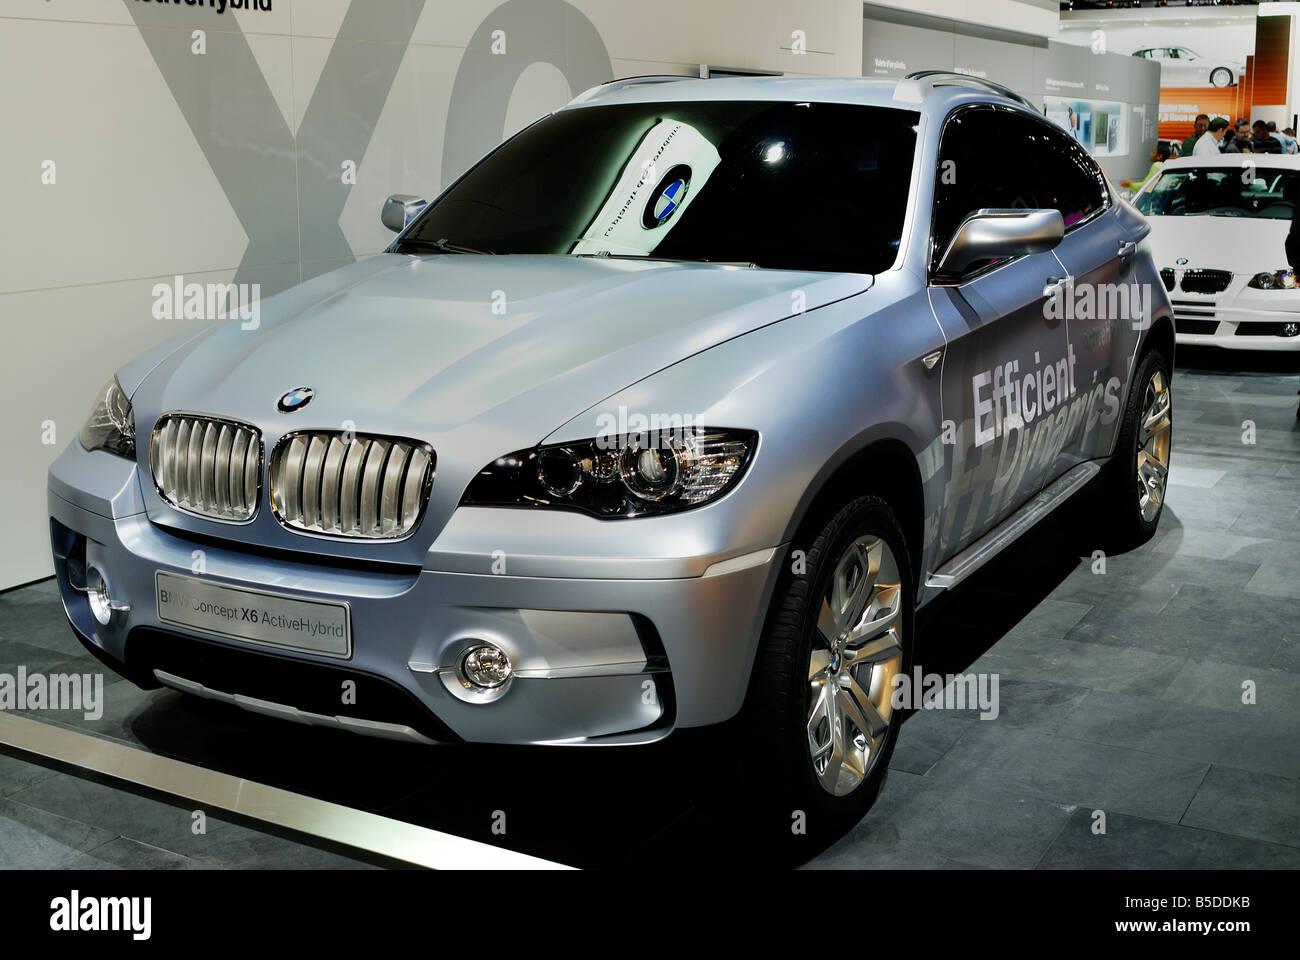 Paris France Low Carbon Cars Hybrid Motor Concept Car Bmw X6